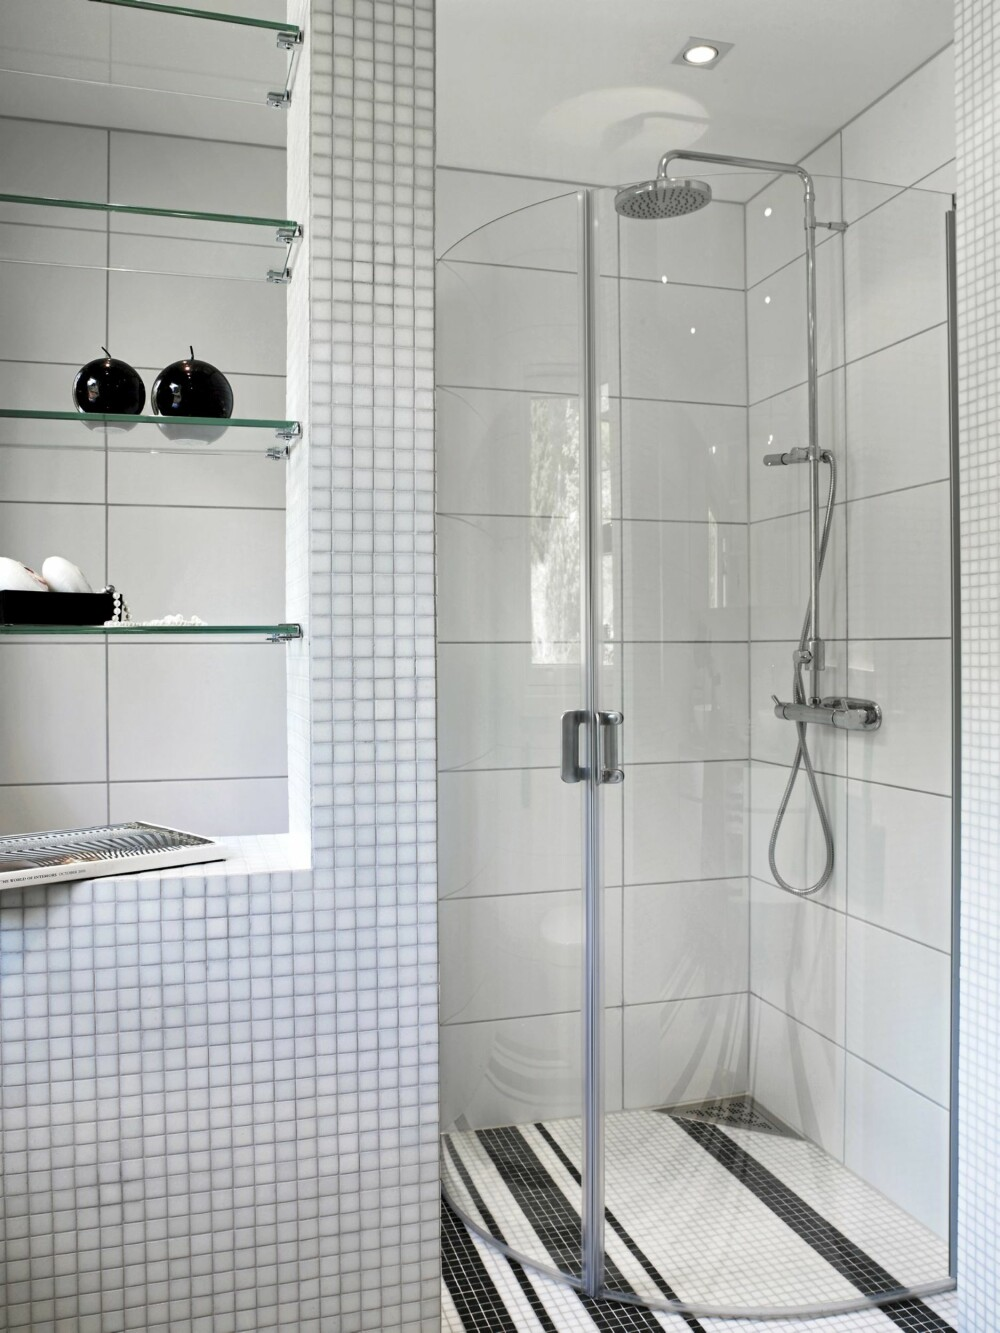 PLASSEFFEKTIVT: Dusjveggene kan felles innover og frigjøre gulvplass når dusjen ikke er i bruk.